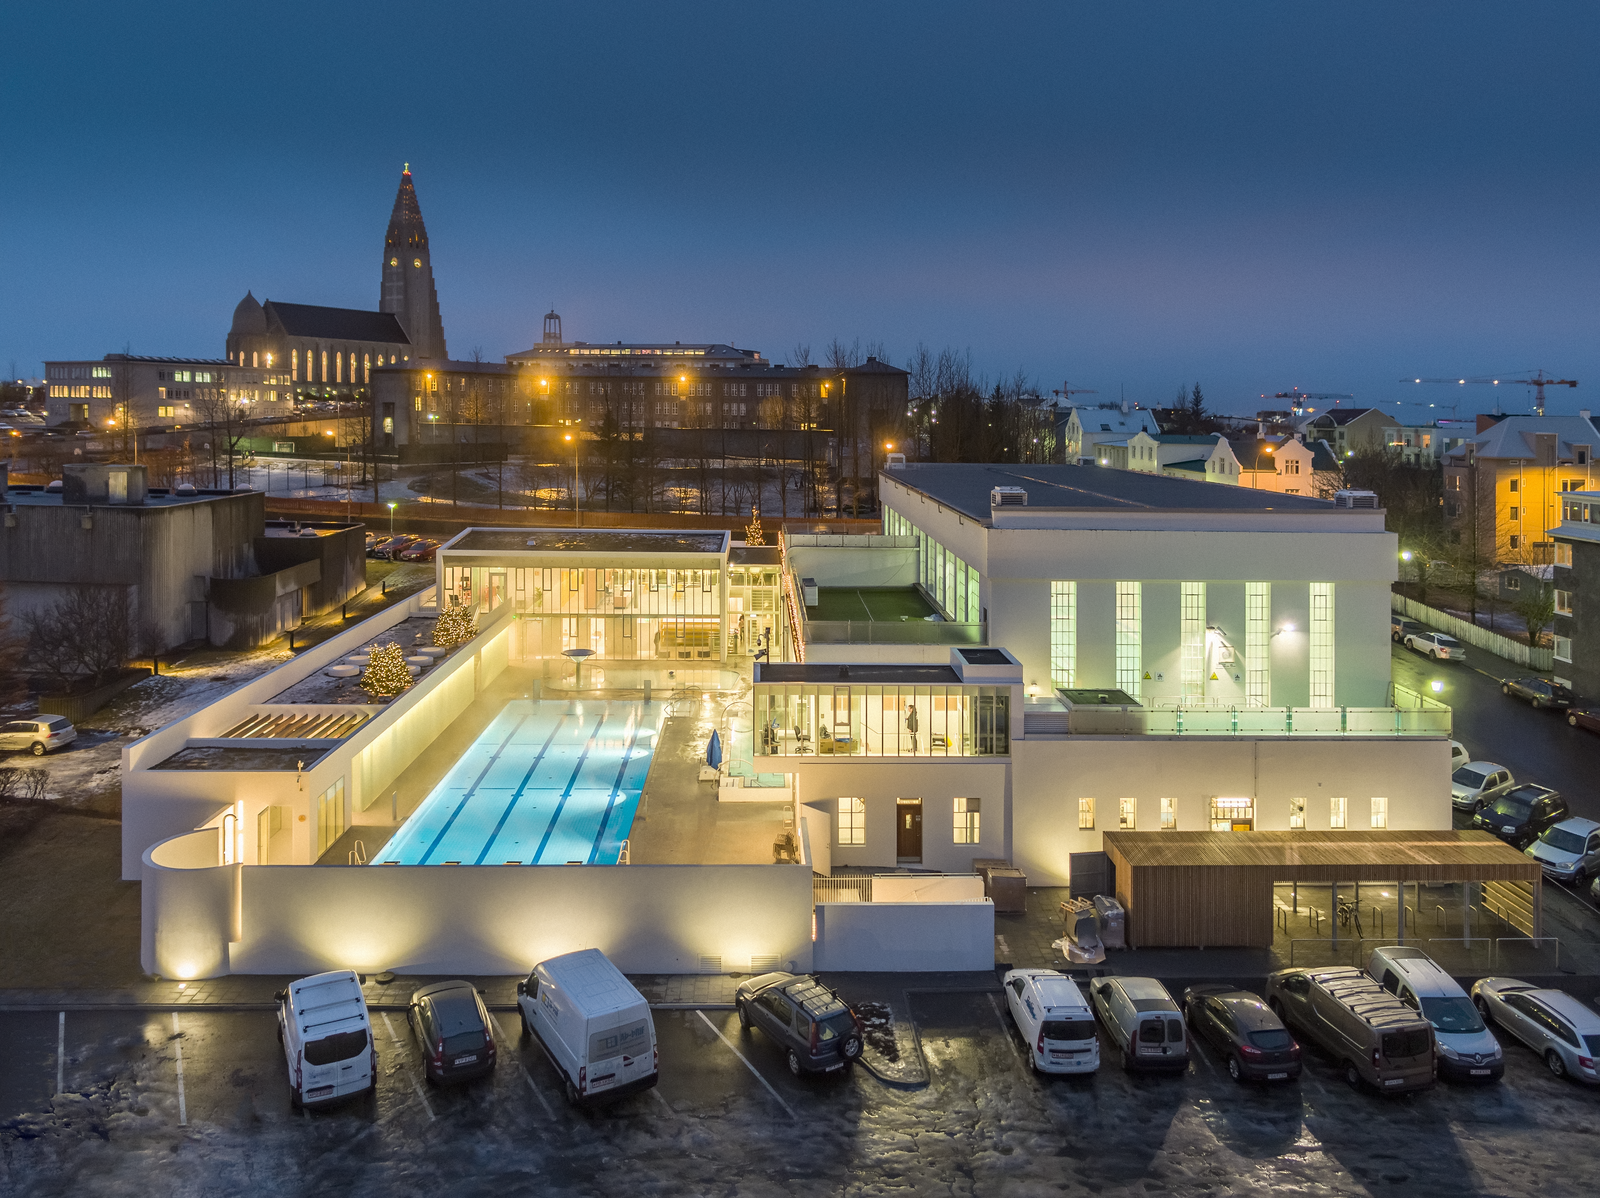 雷克雅未克的温泉泳池是冰岛旅行必须体验的活动之一